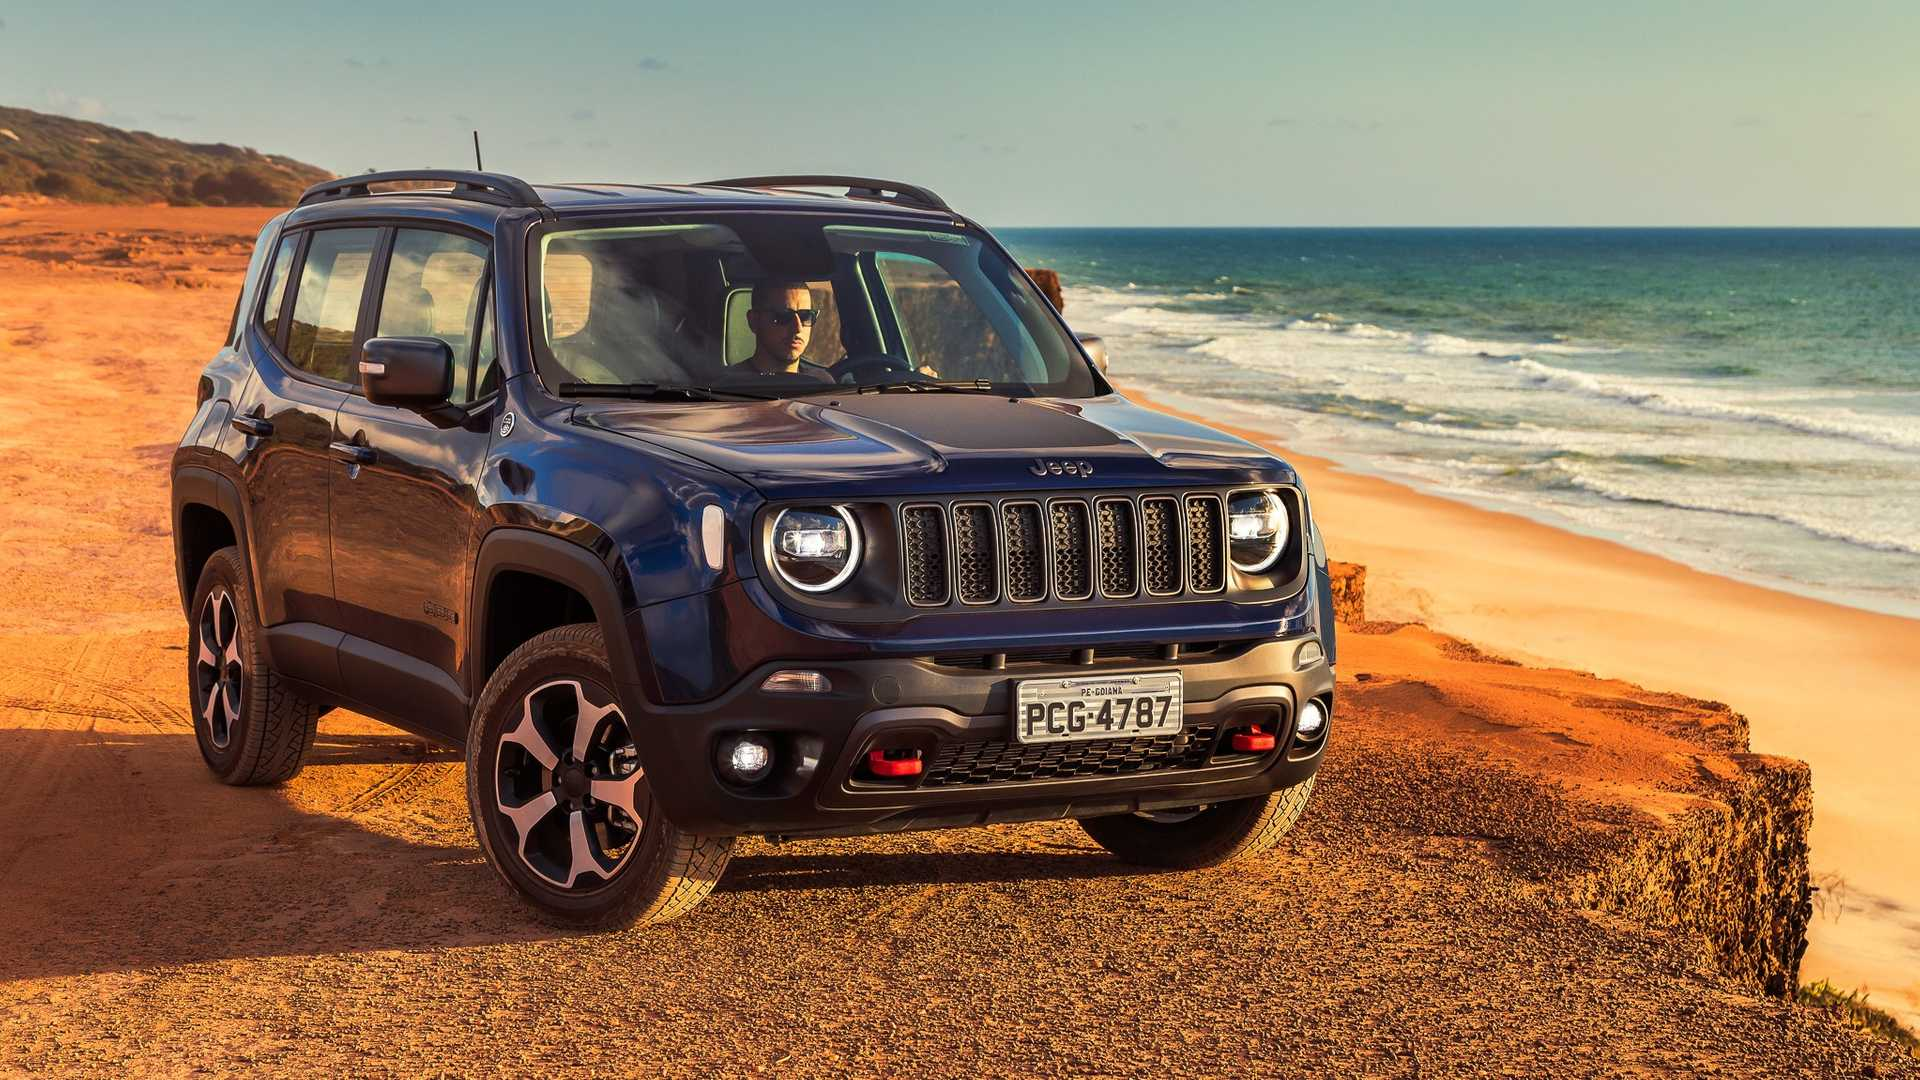 SUVs compactos em fevereiro: Renegade lidera e C4 Cactus ultrapassa Tracker Primeiras-impressoes-jeep-renegade-2019